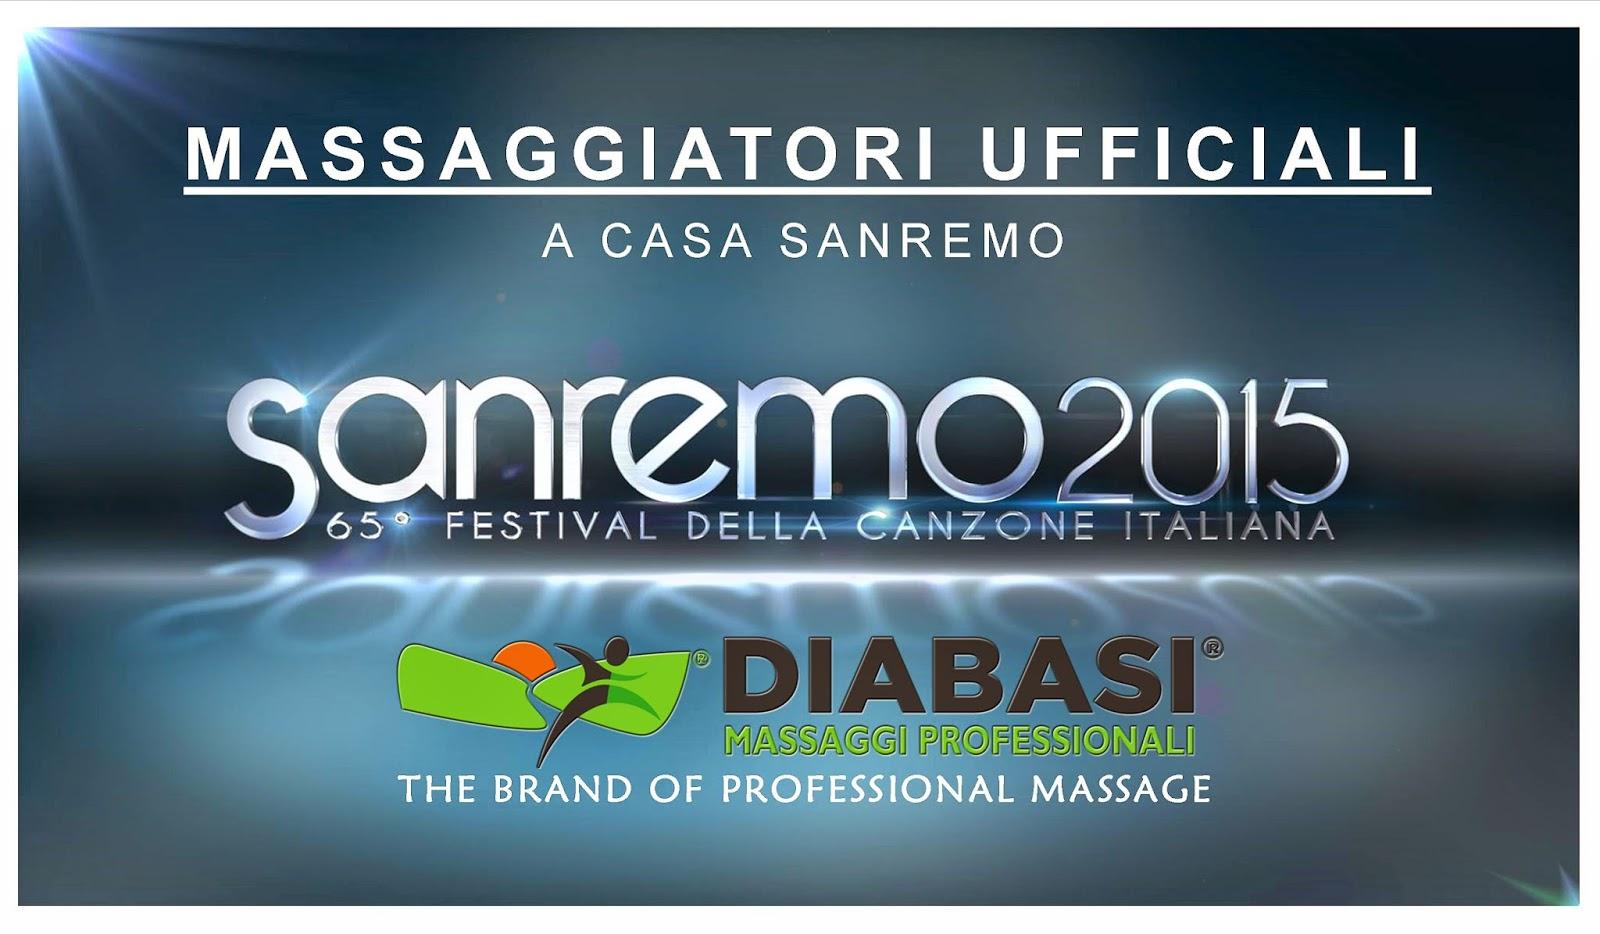 Calendario Nazionale Diabasi.Scuola Professionale Di Massaggio Diabasi